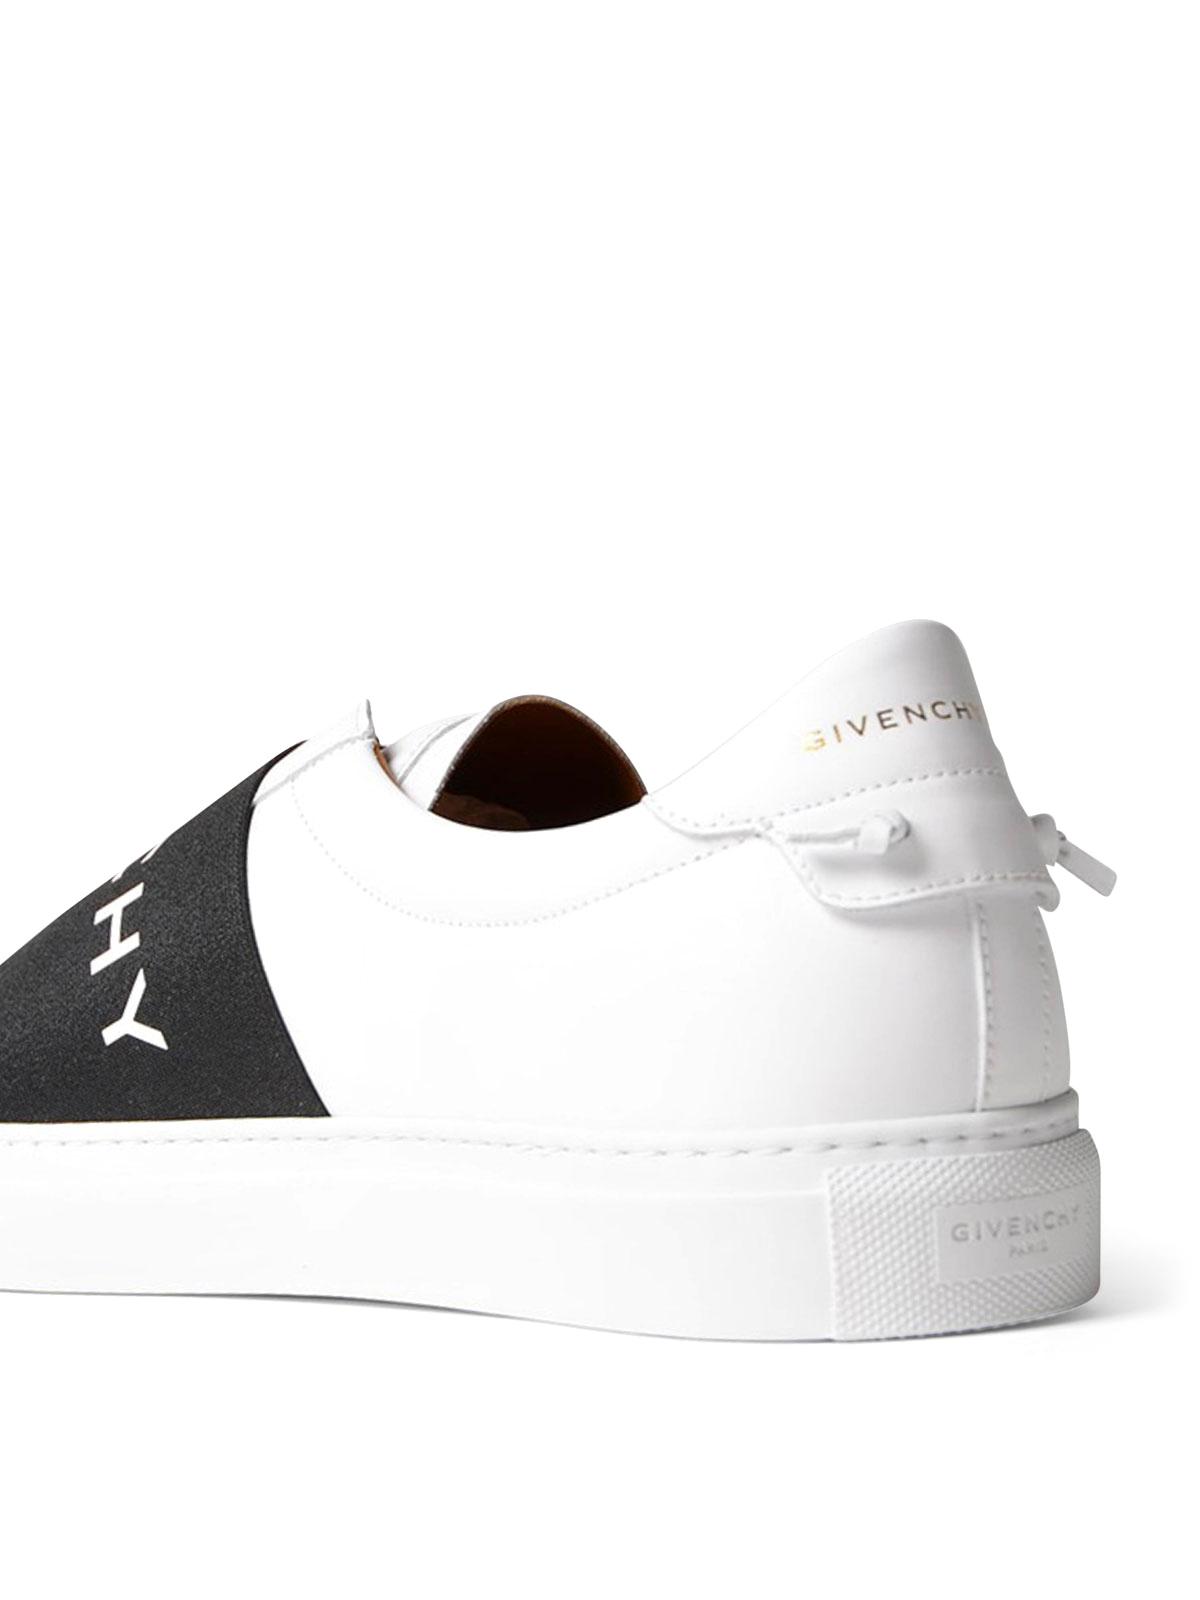 bien fuera x diseño superior muchos de moda Givenchy - Zapatillas - Givenchy Paris - Zapatillas ...